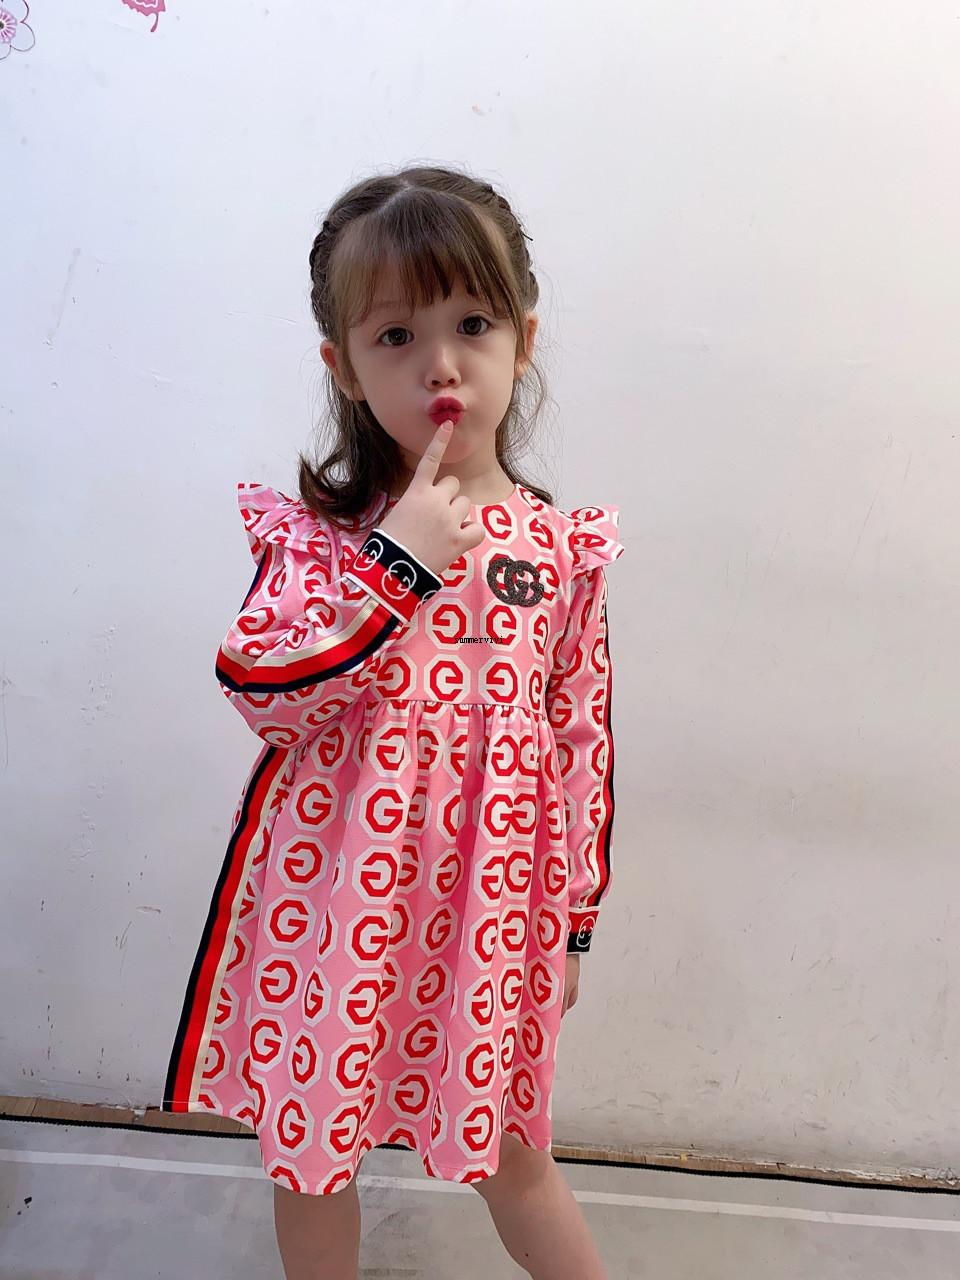 Meninas letra impressa Vestido 2020 New Children Falbala voar Crianças vestido de manga tarja fita plissada vestido Crianças roupas Designer A4092